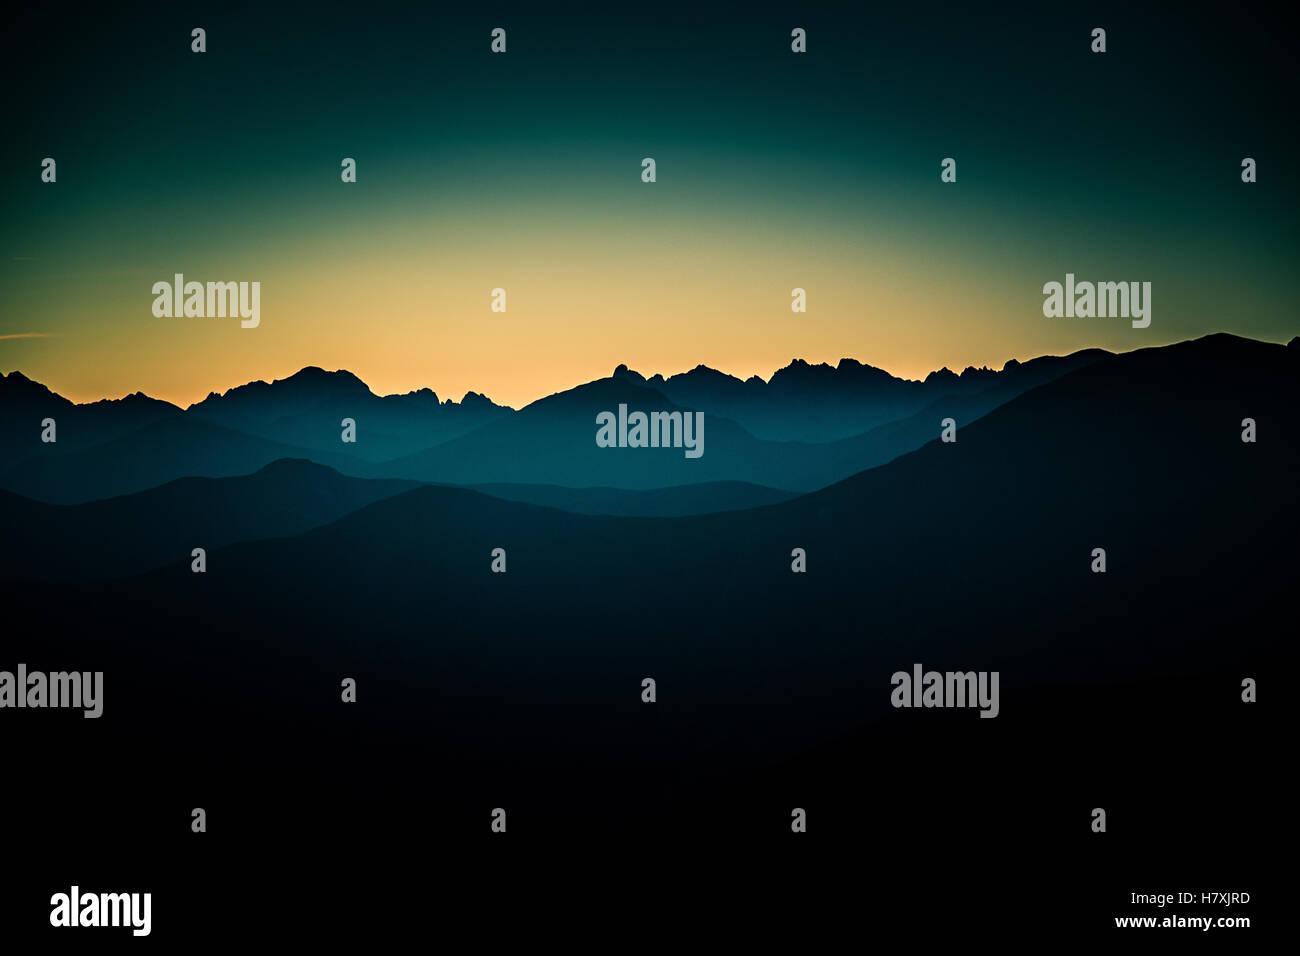 Une belle vue en perspective au-dessus des montagnes avec un gradient Photo Stock